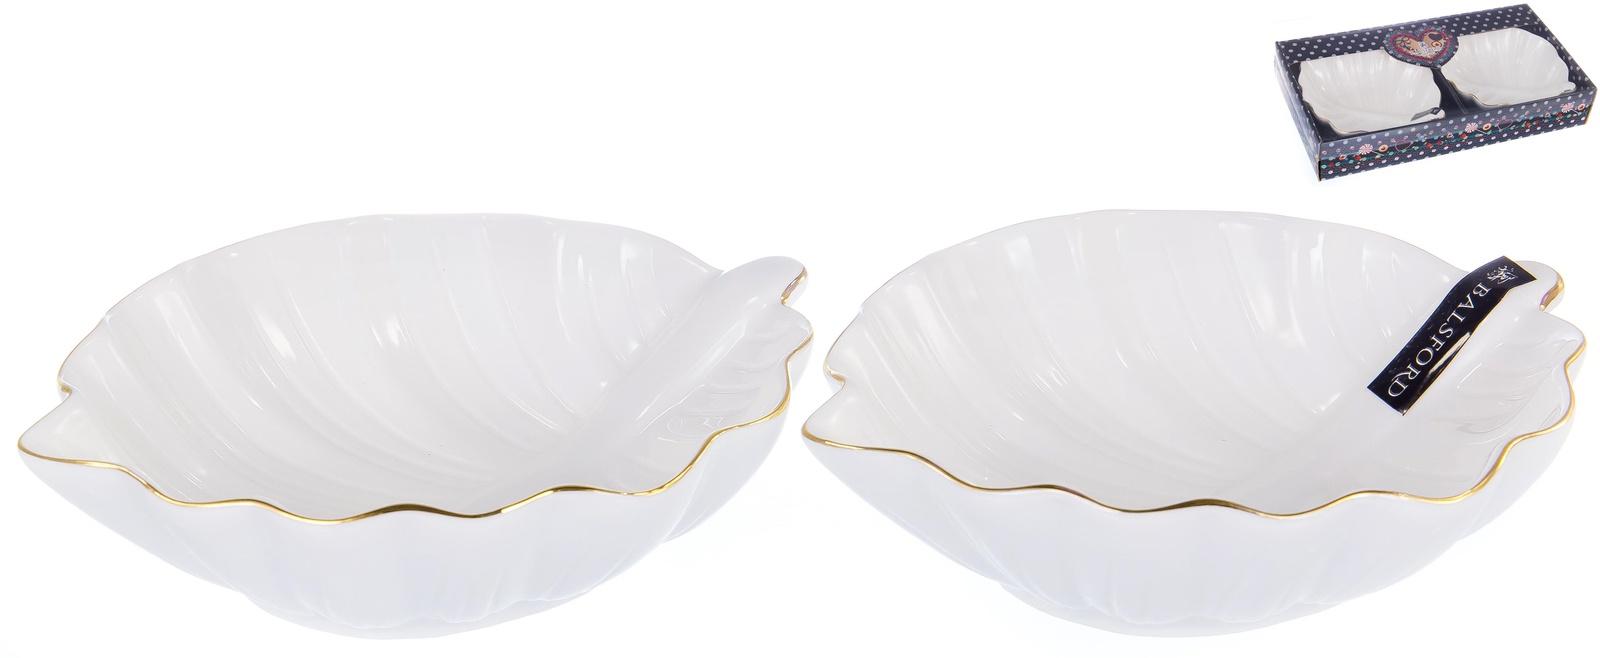 Набор 2 фигурных салатника размером 16см, ГРАЦИЯ, NEW BONE CHINAа NEW BONE CHINA, декор белый с золотом, подарочная упаковка с окном и бантом, ТМ Balsford, 101-01043